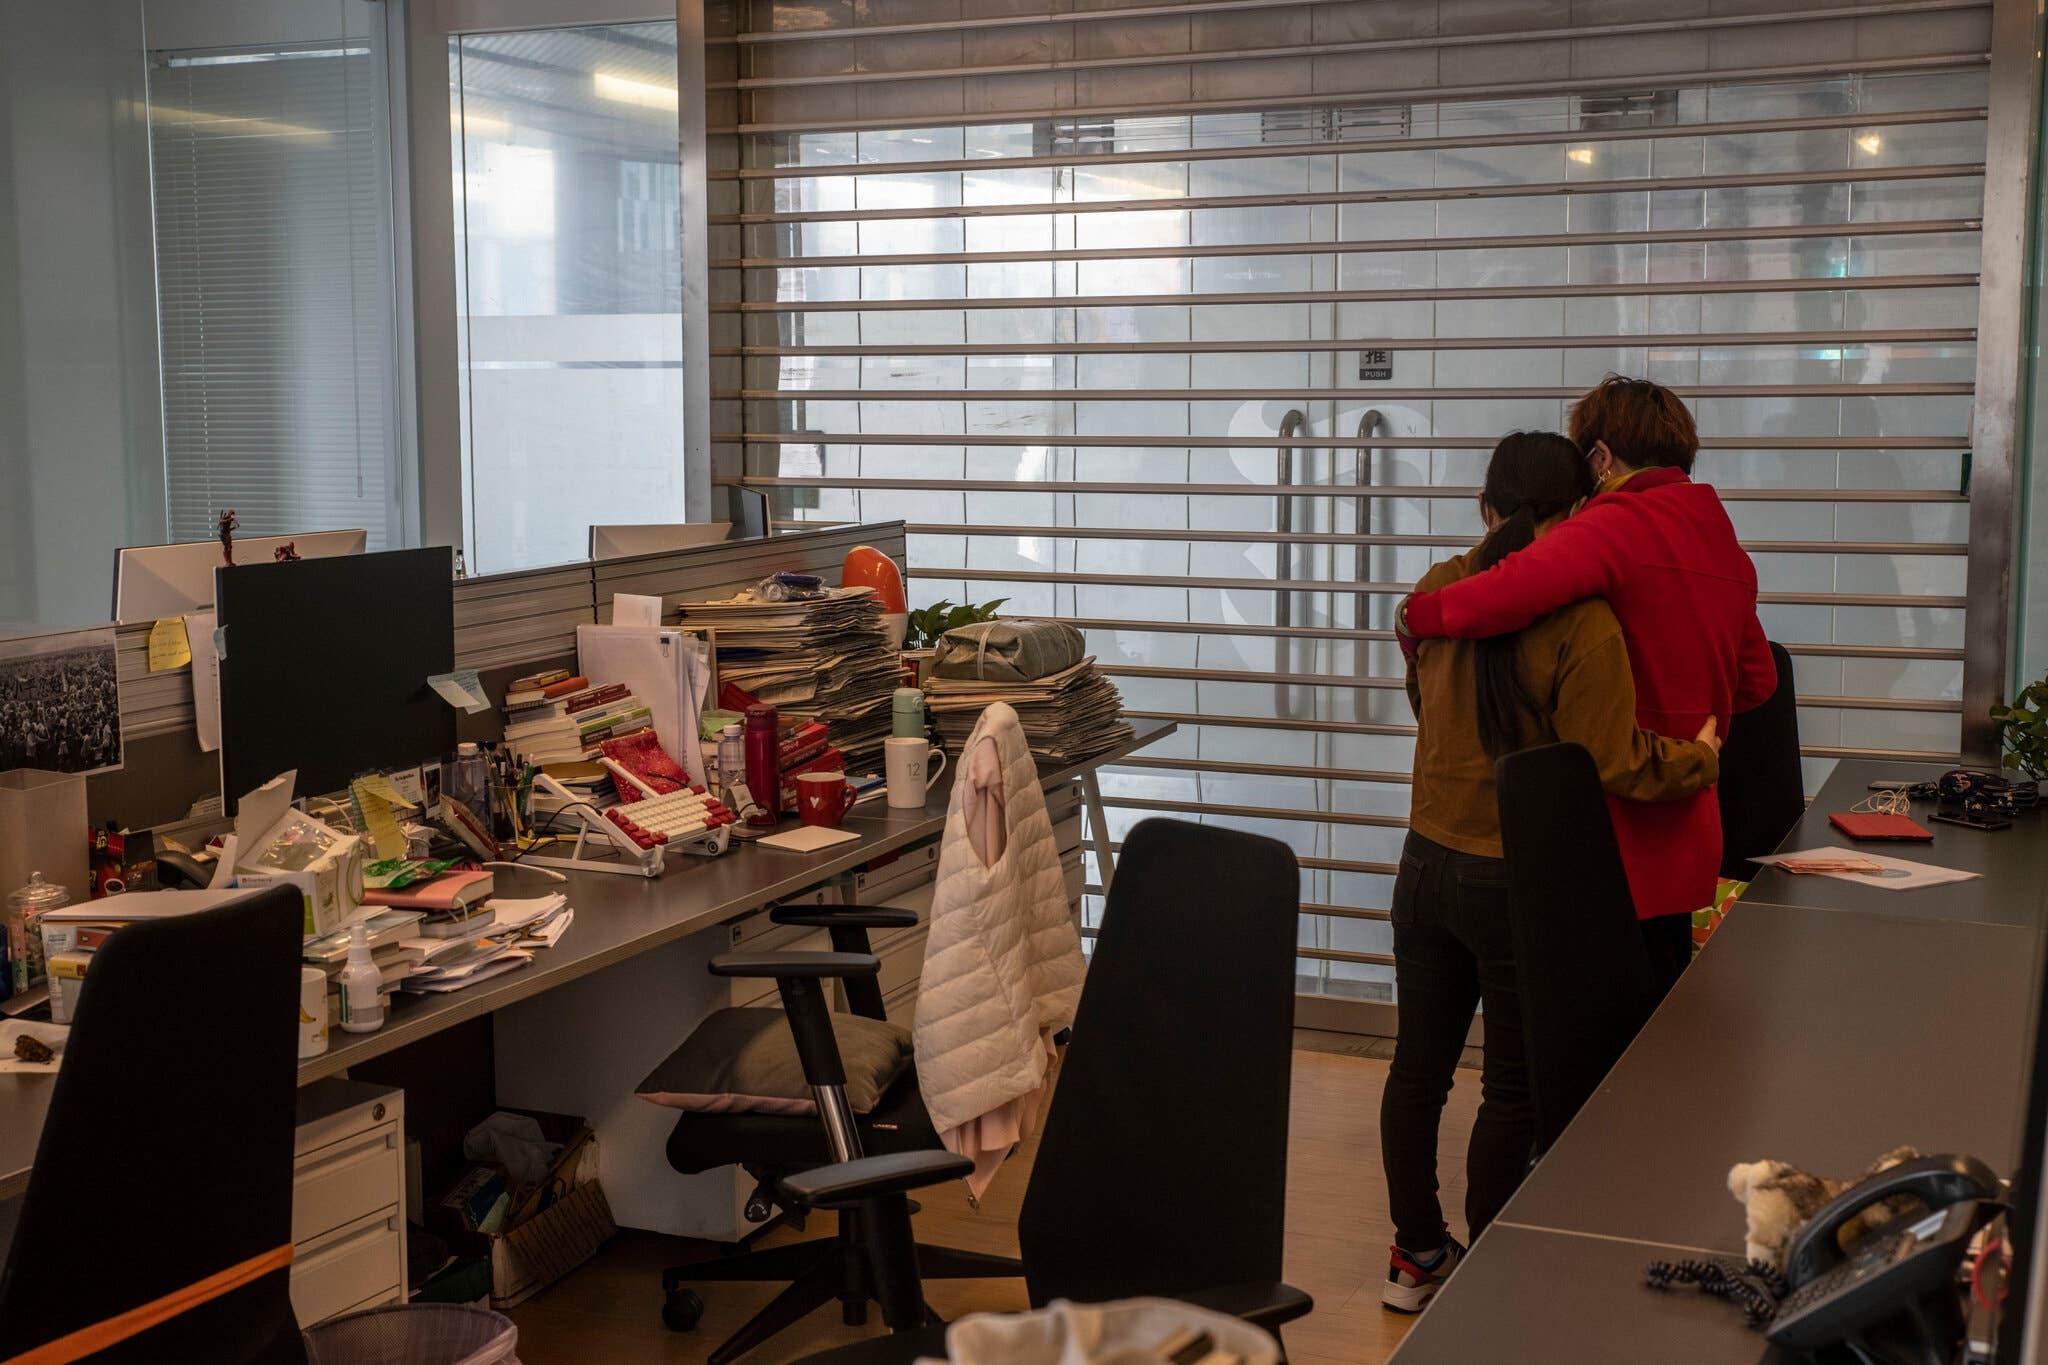 آخر يوم عمل لصحافيي نيويورك تايمز بمكتبهم في بكين في مارس الماضي